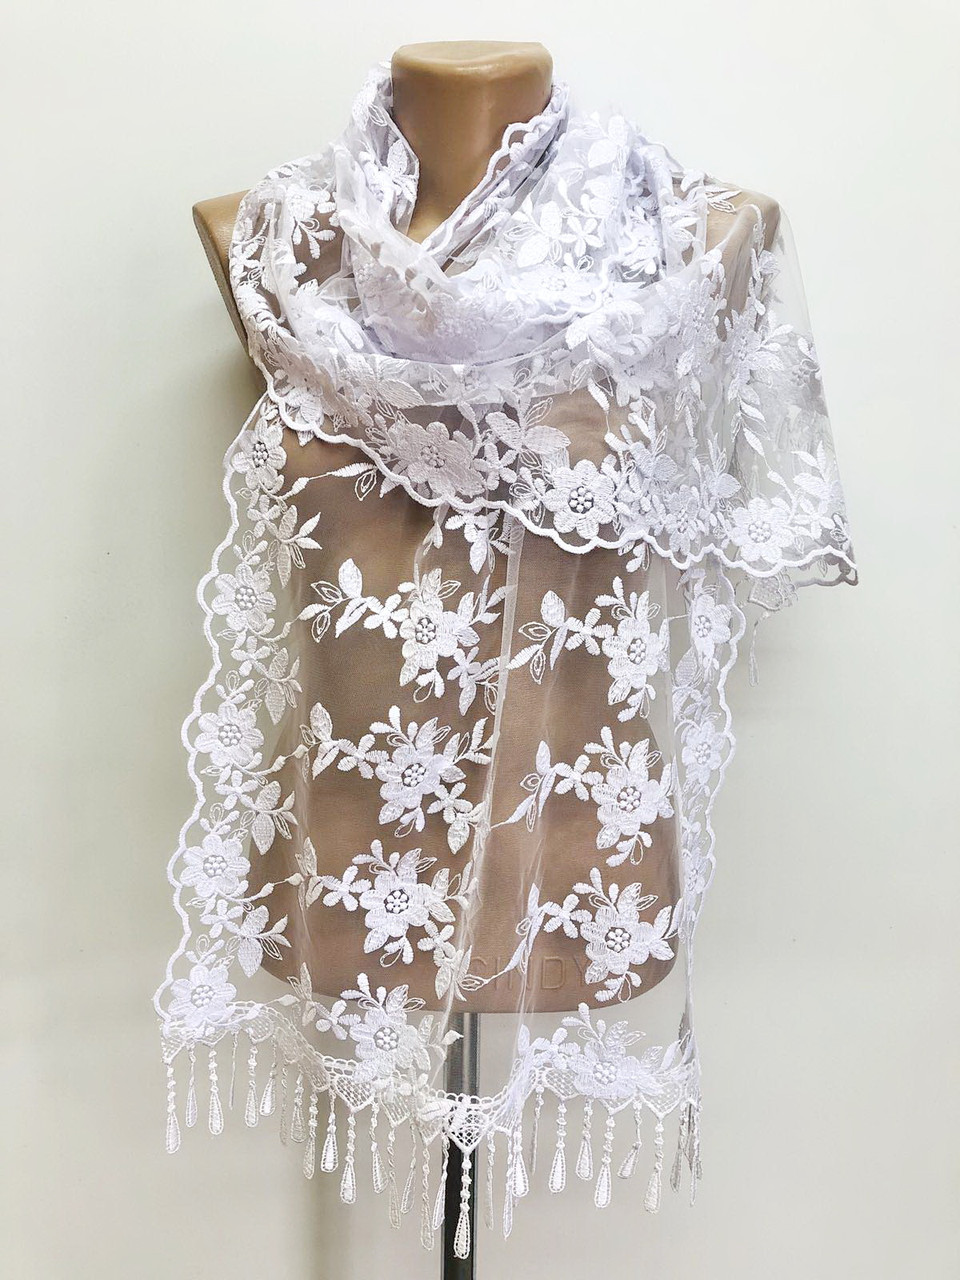 Шарф белый ажурный фатиновый свадебный церковный 150017